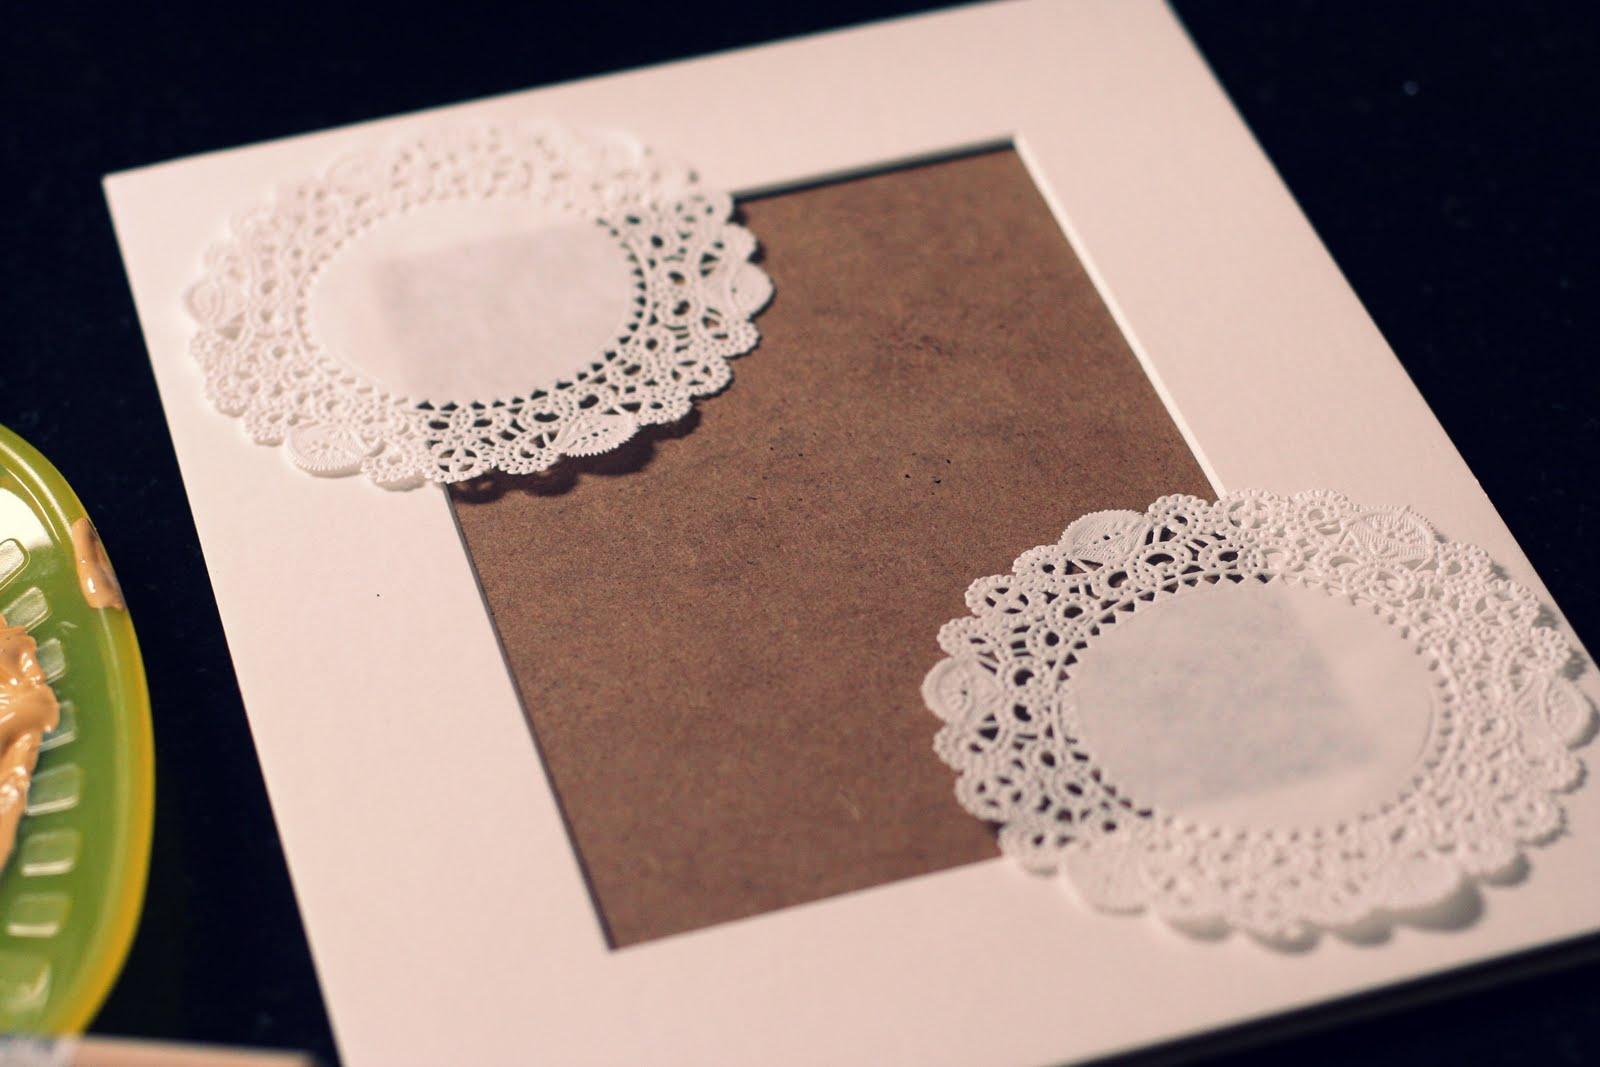 Рамочка из бумаги для рисунка своими руками